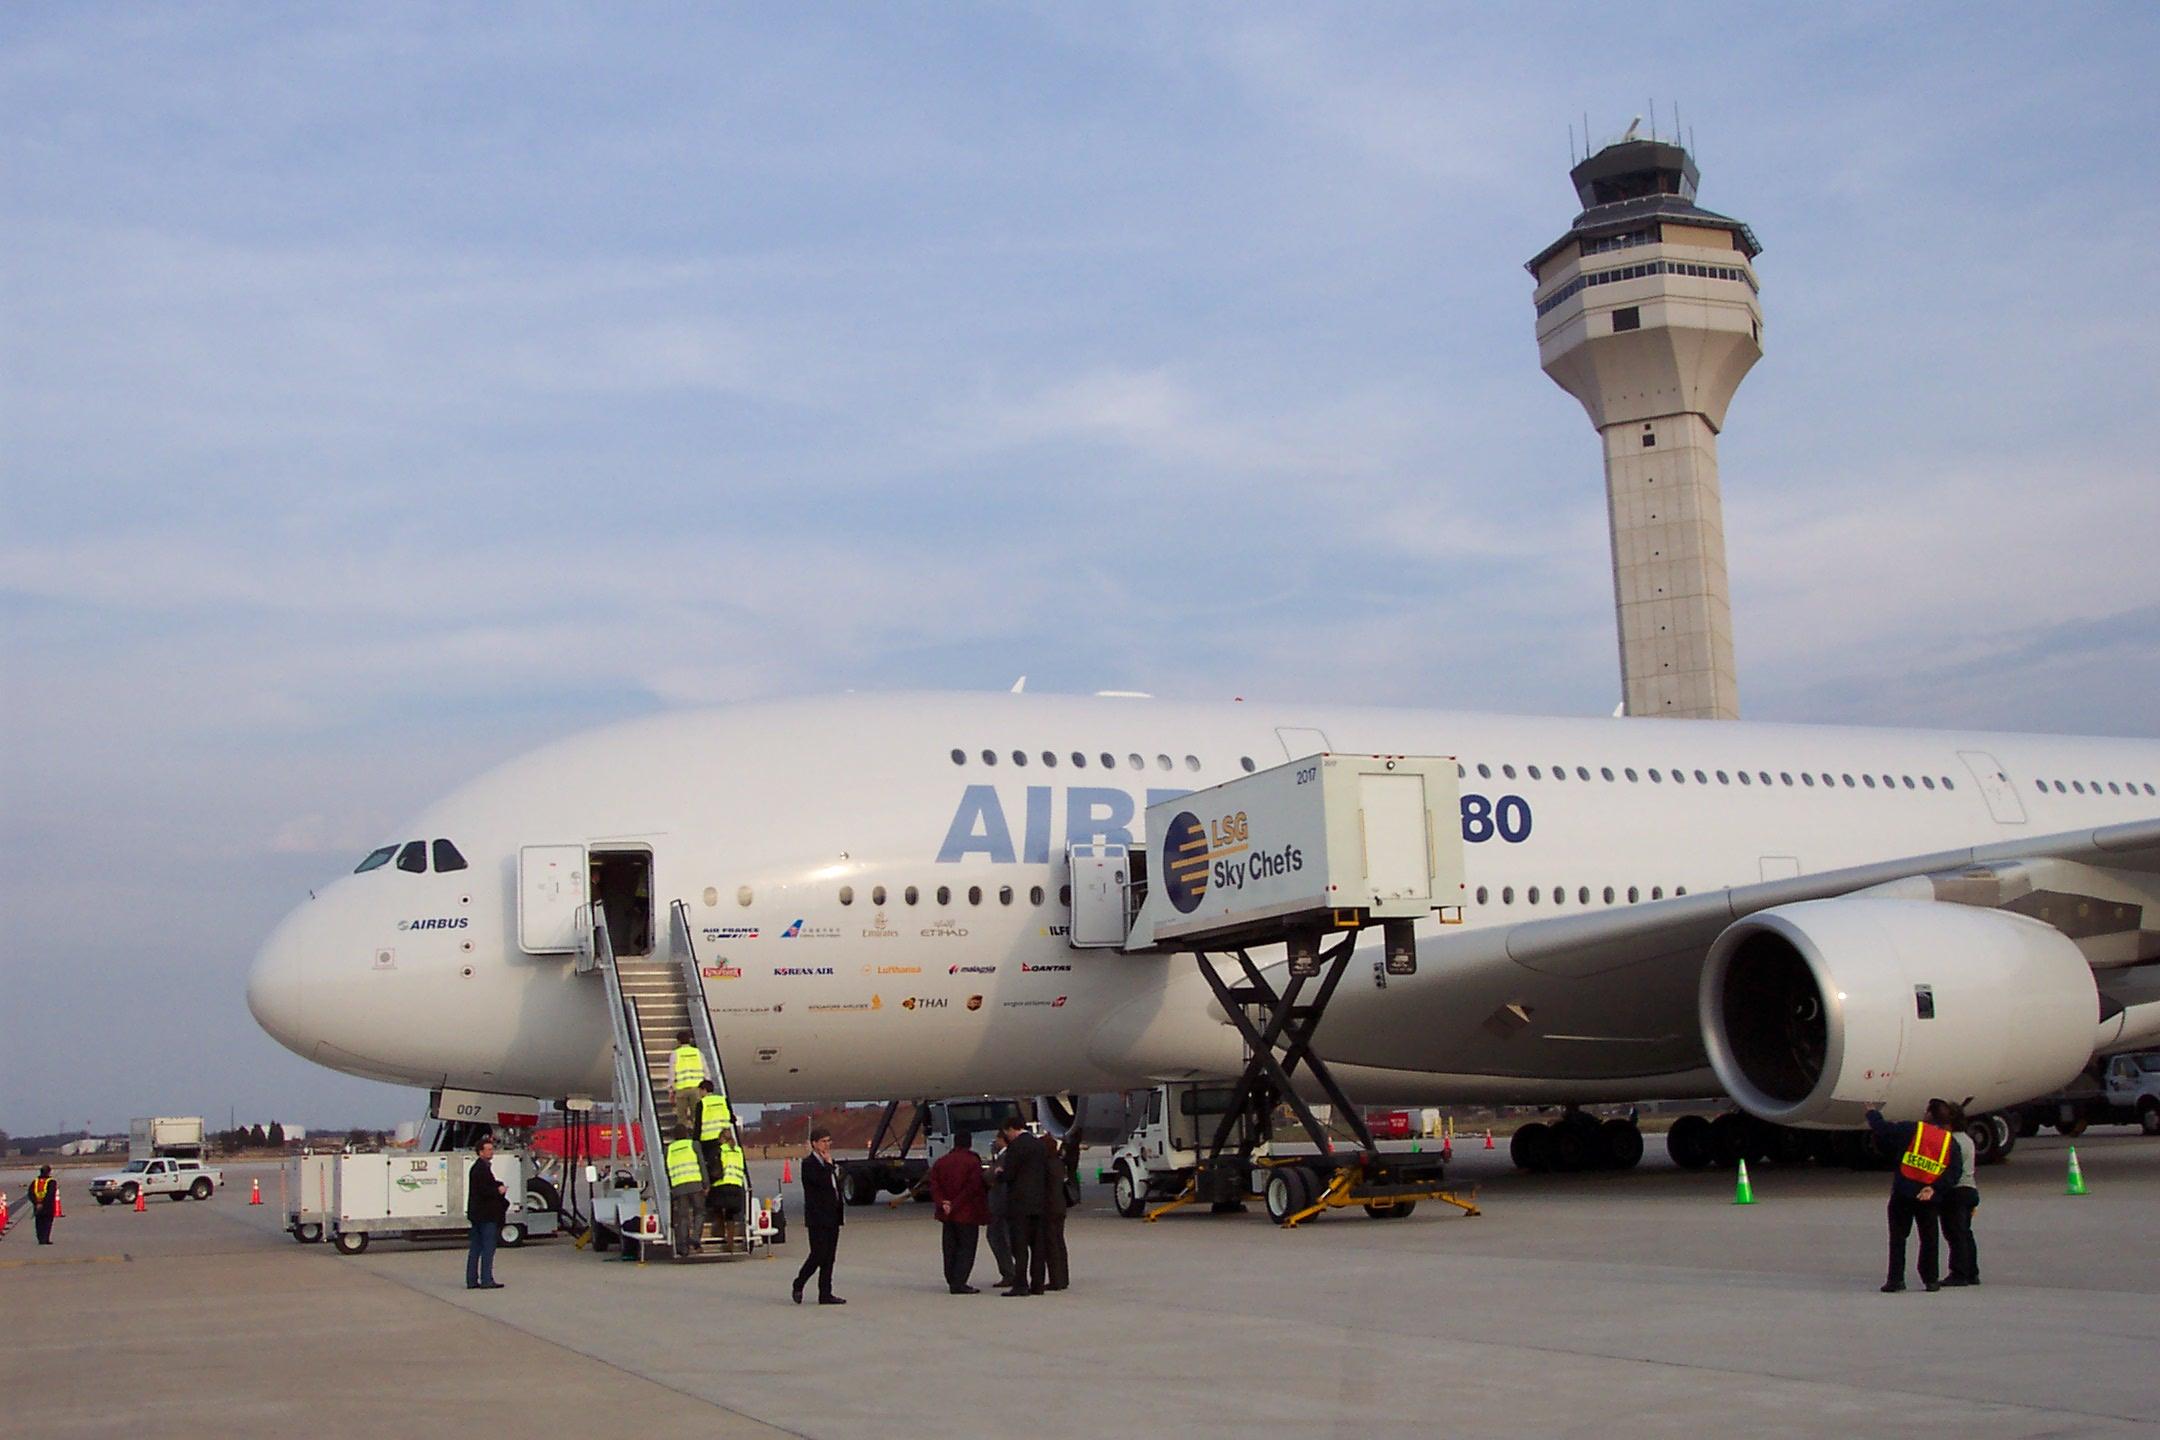 http://www-personal.umich.edu/~cortneyr/A380/A380_12.jpg